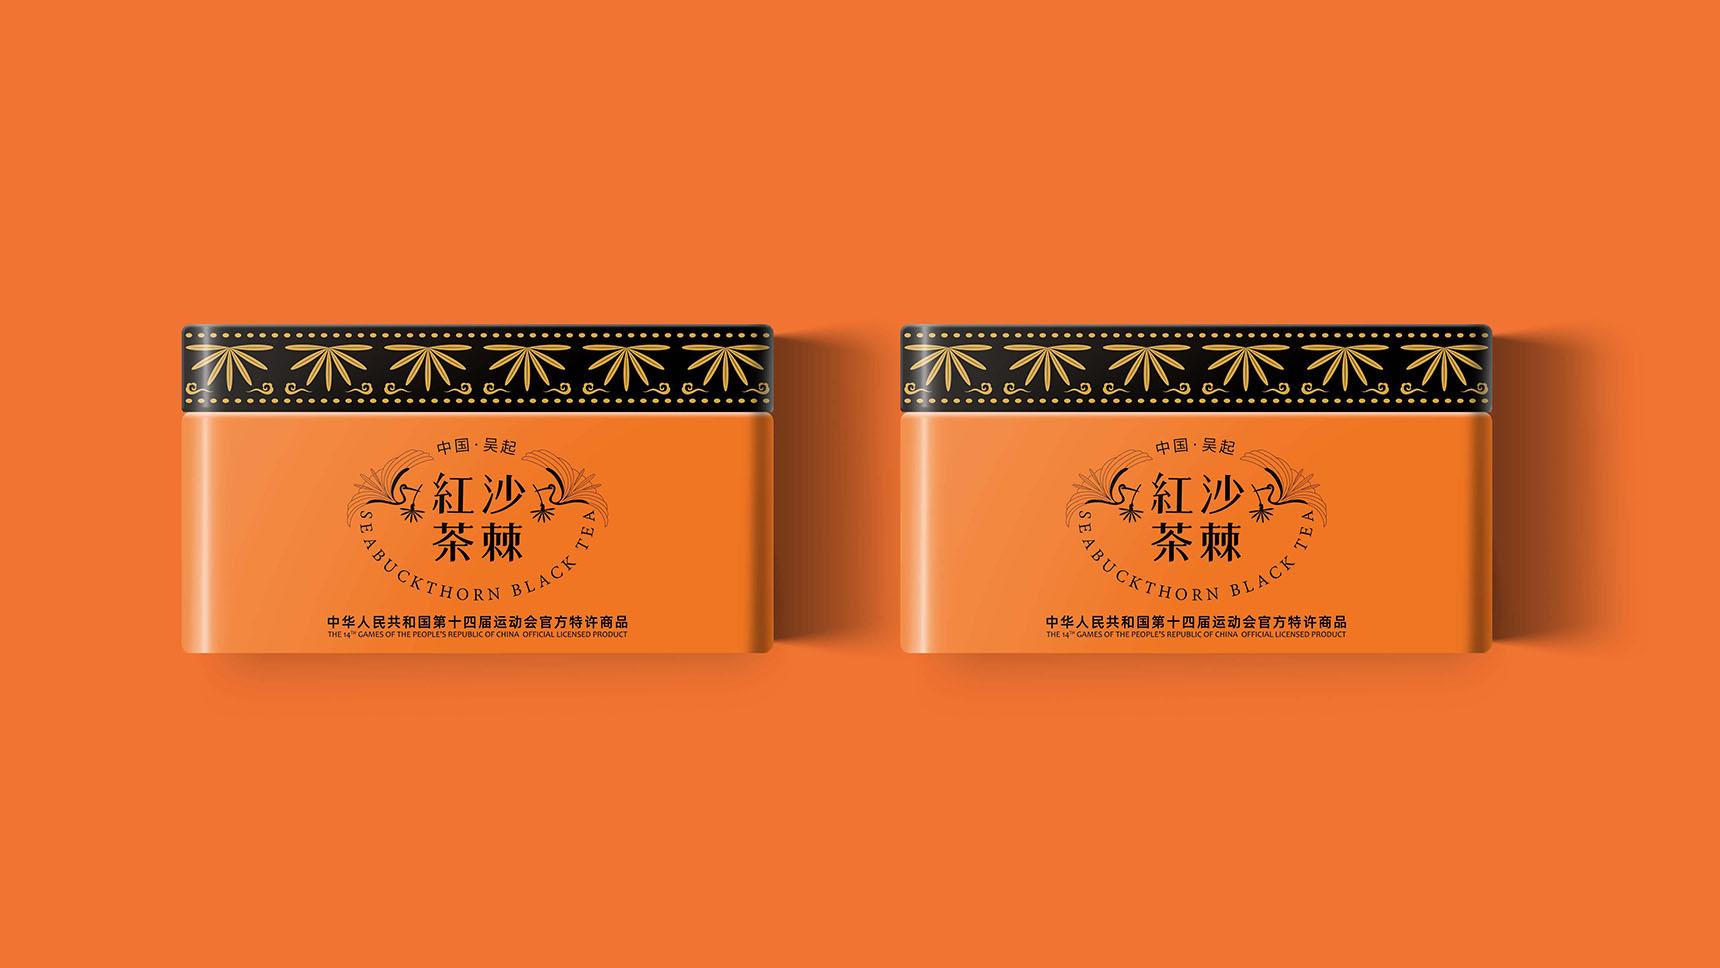 2021全运会官方特许商品——沙棘红茶包装设计